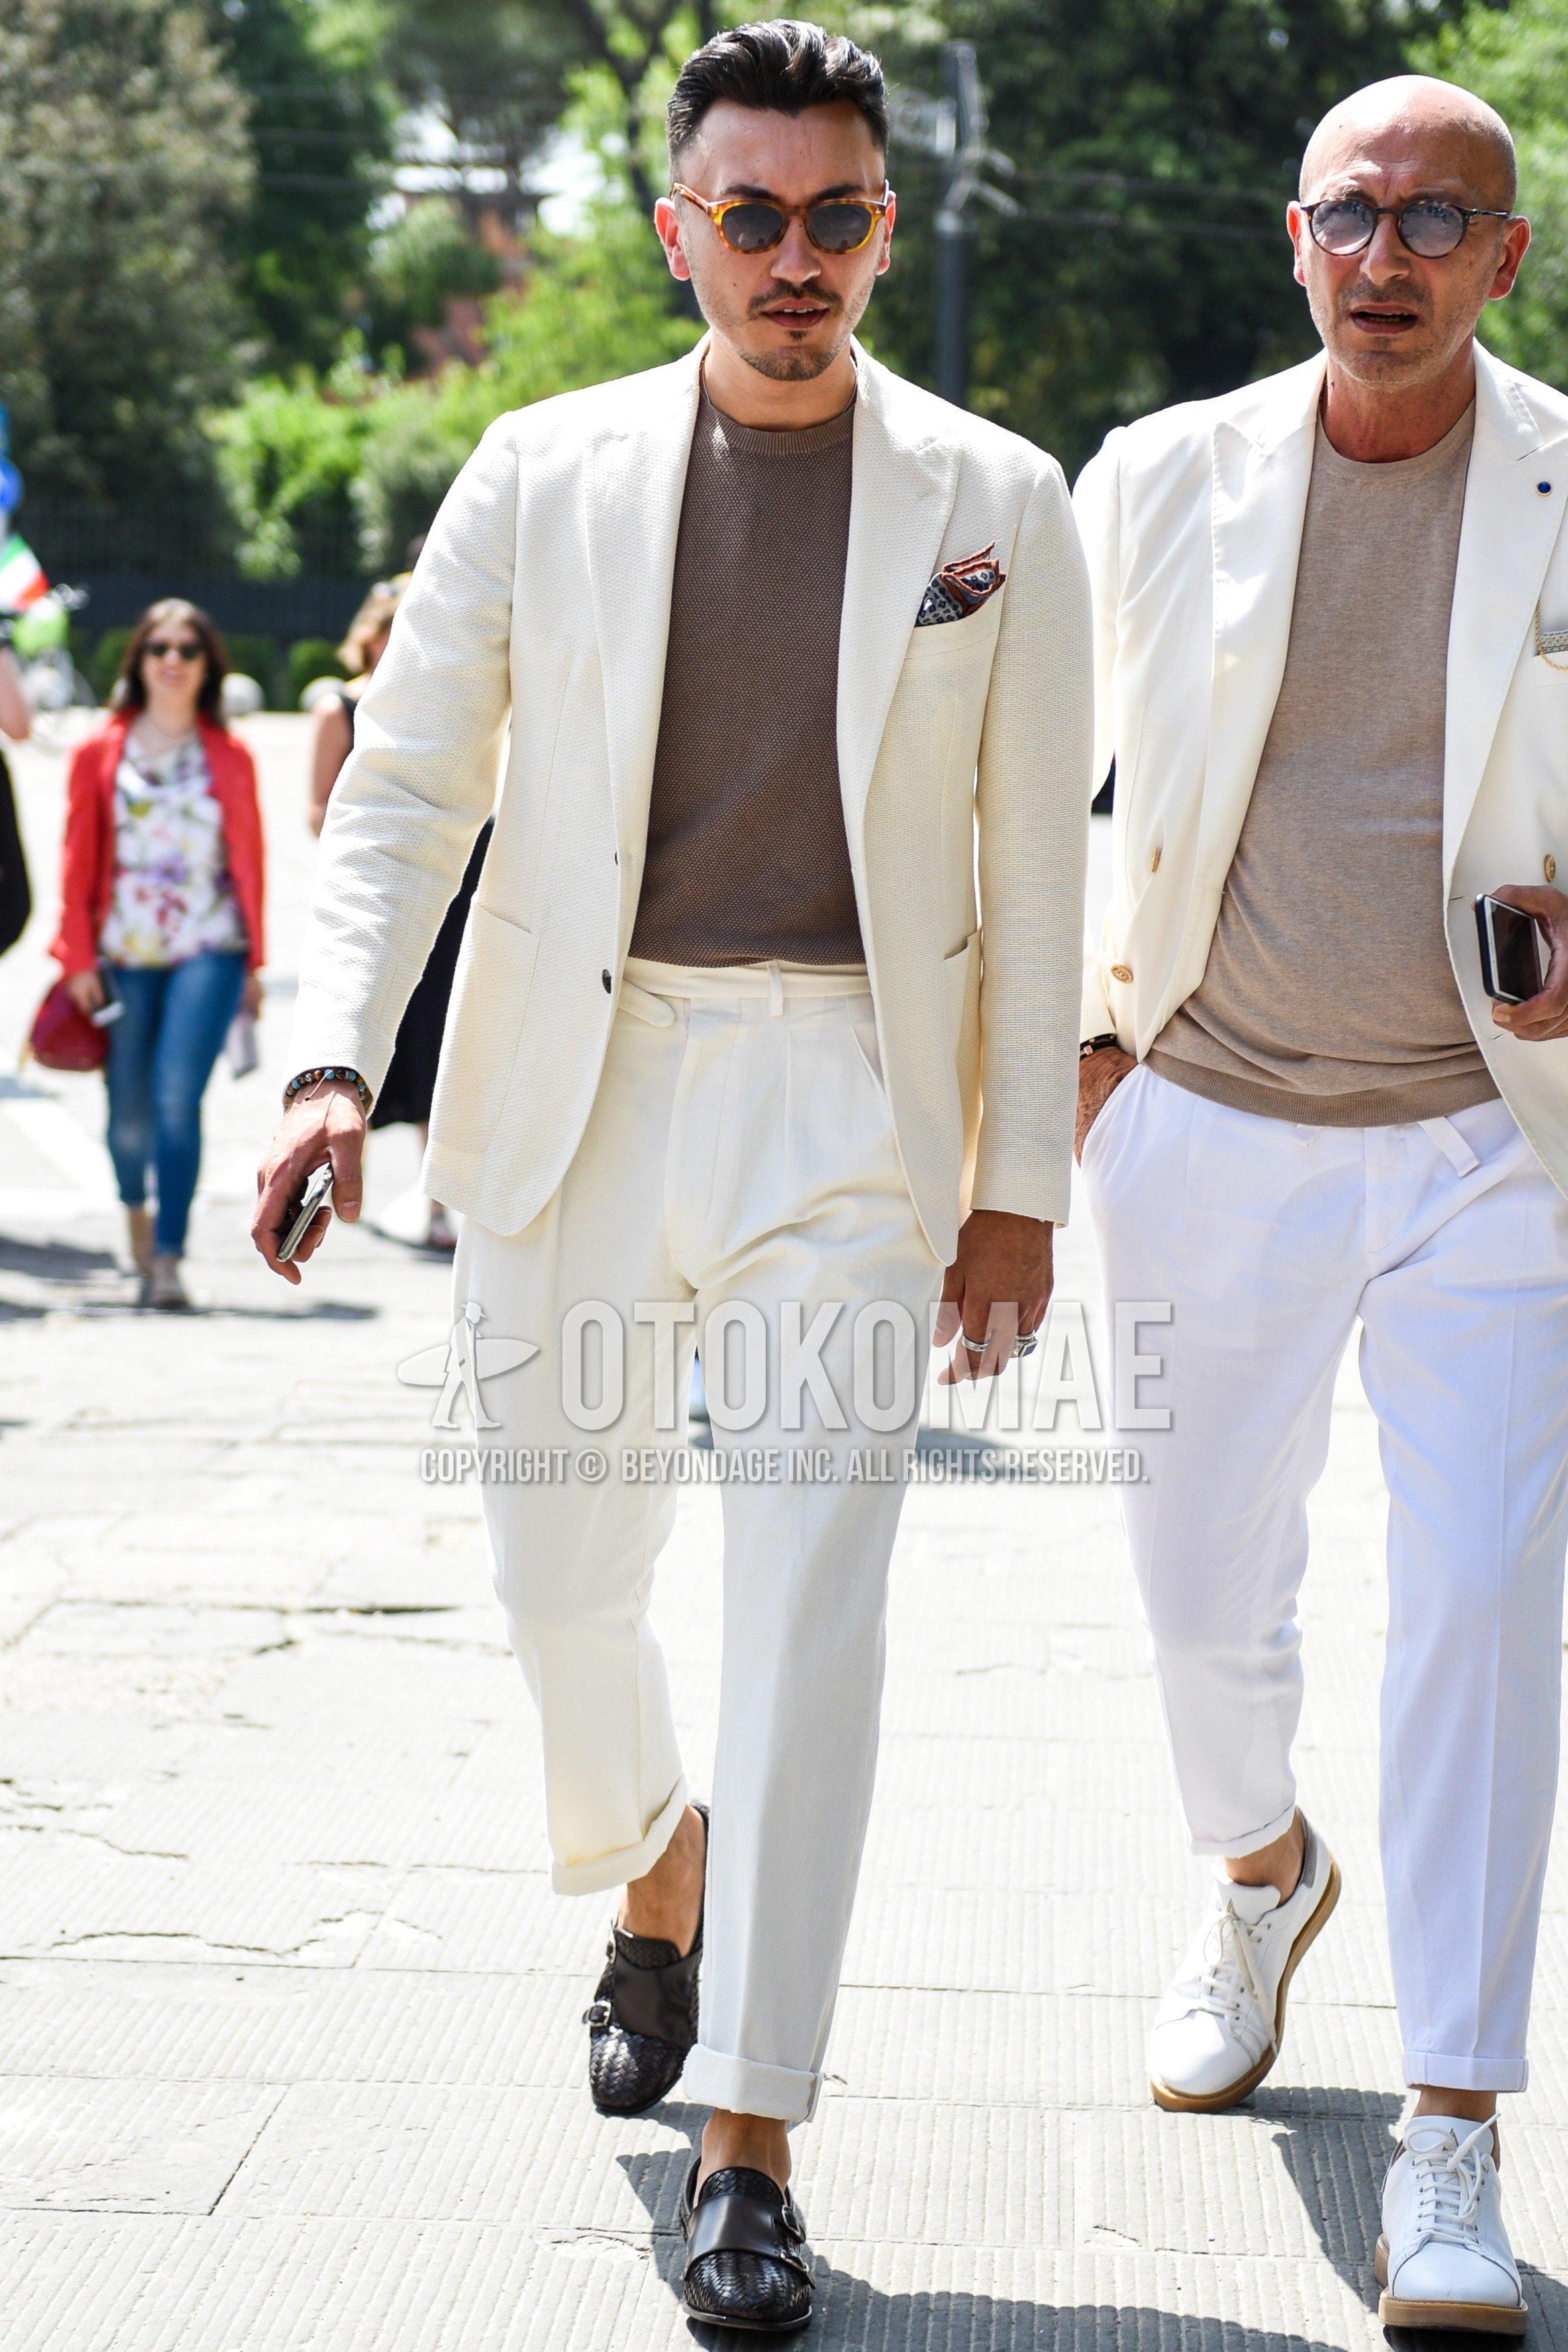 ブラウンべっ甲のサングラス、ニットのブラウン無地のTシャツ、ブラウンモンクシューズの革靴、白無地のスーツを合わせた春夏秋のメンズコーデ・着こなし。